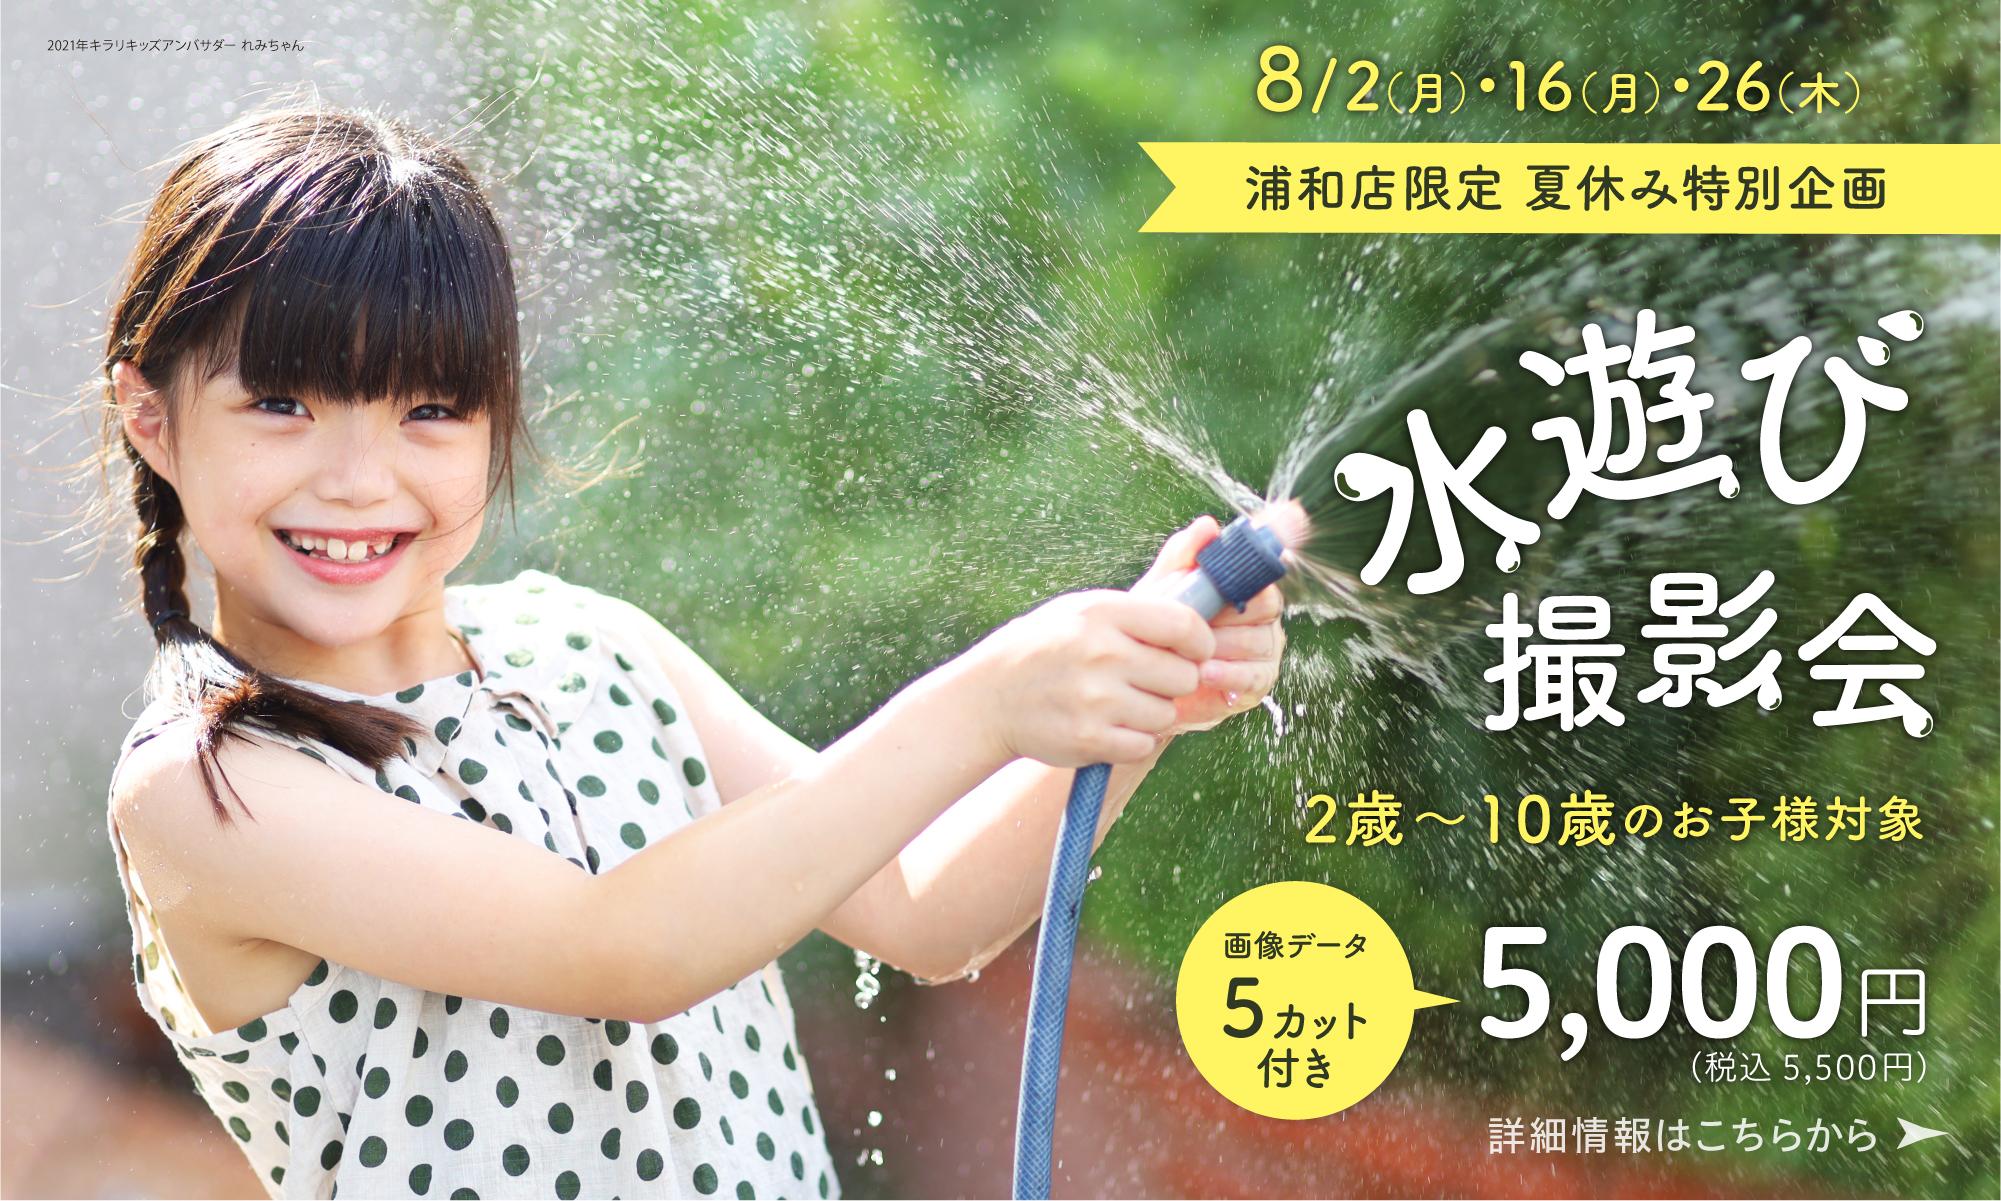 浦和水遊び撮影会